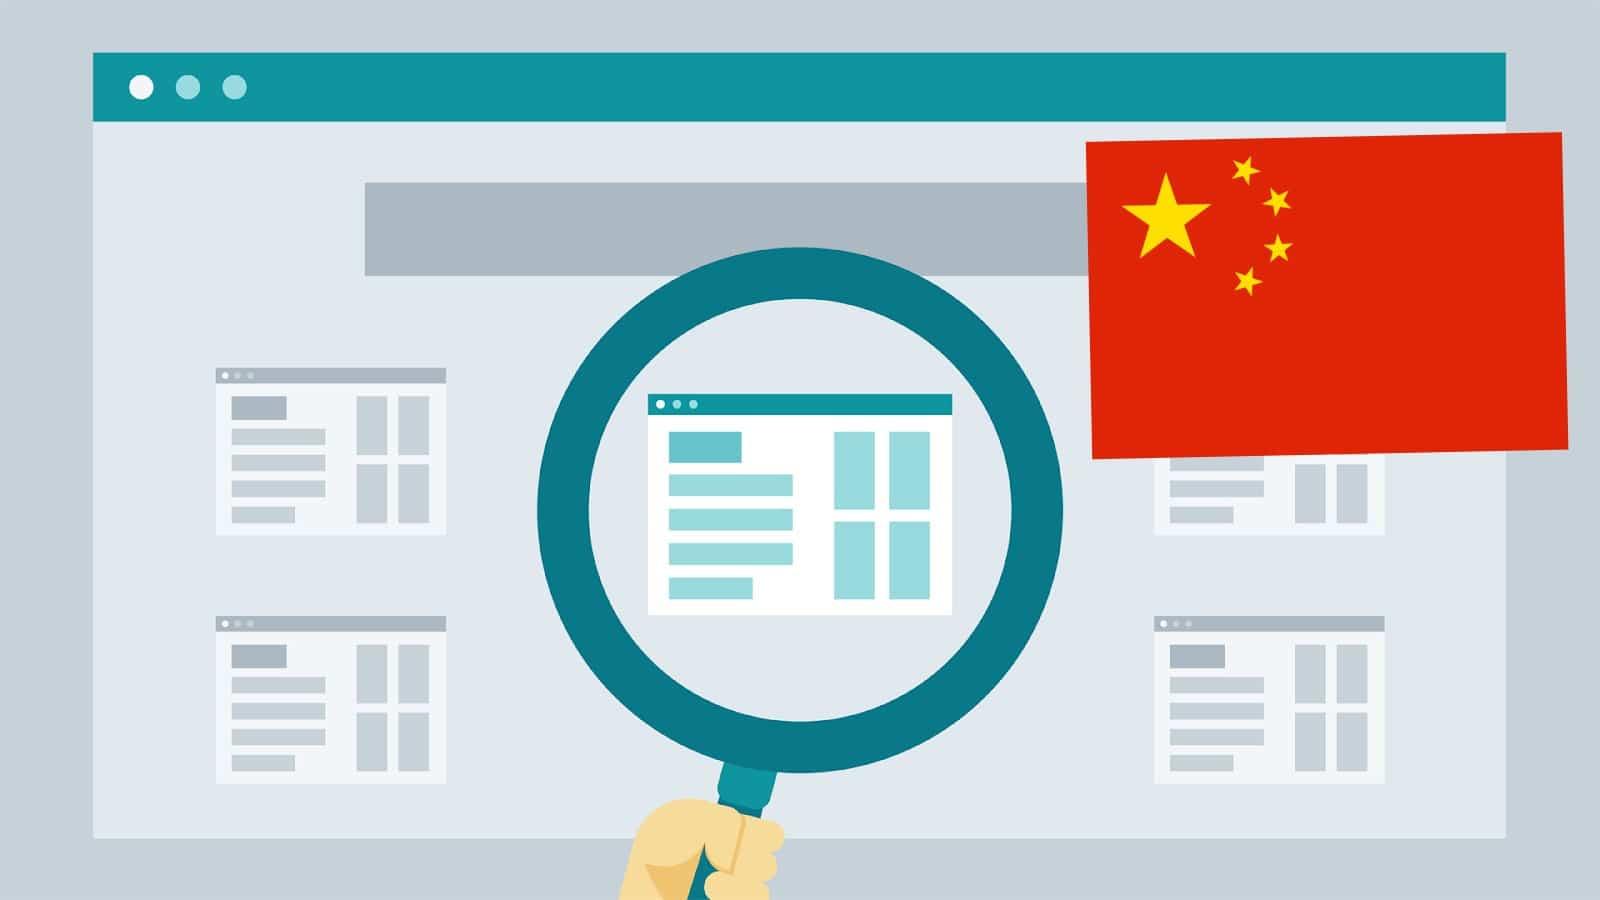 seo china clean network